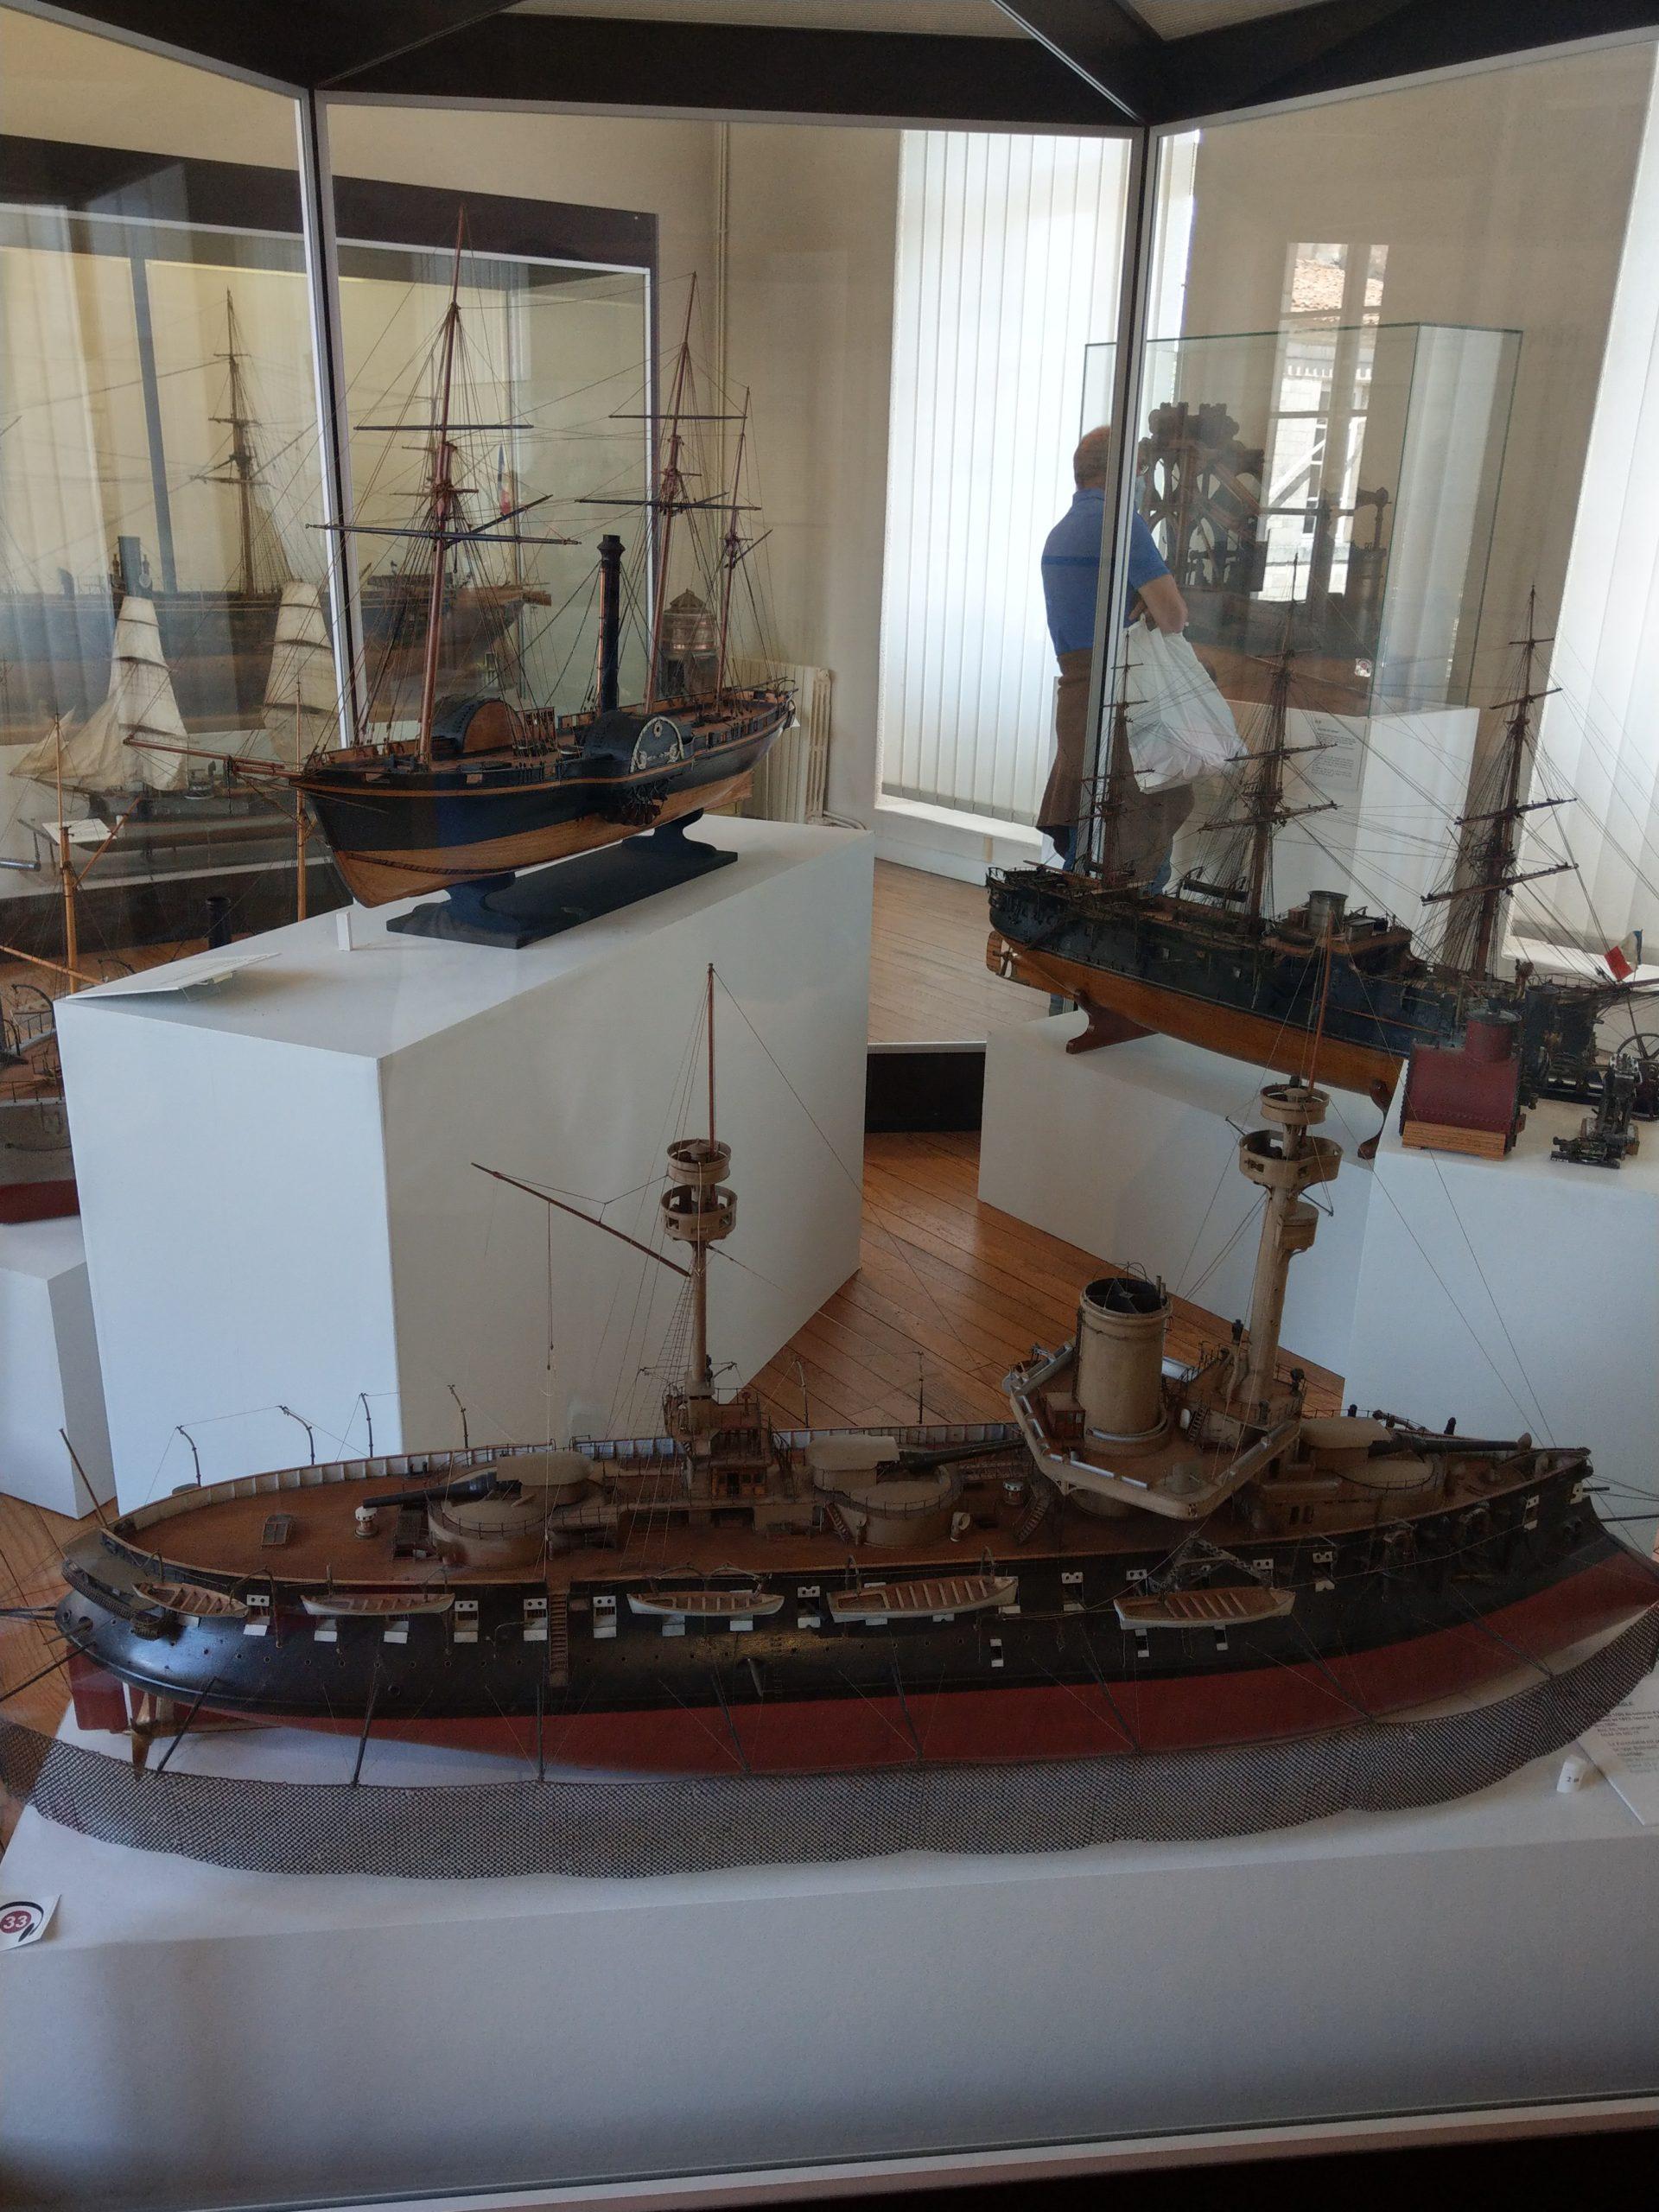 Maquettes de cuirassés à vapeur exposées Rochefort